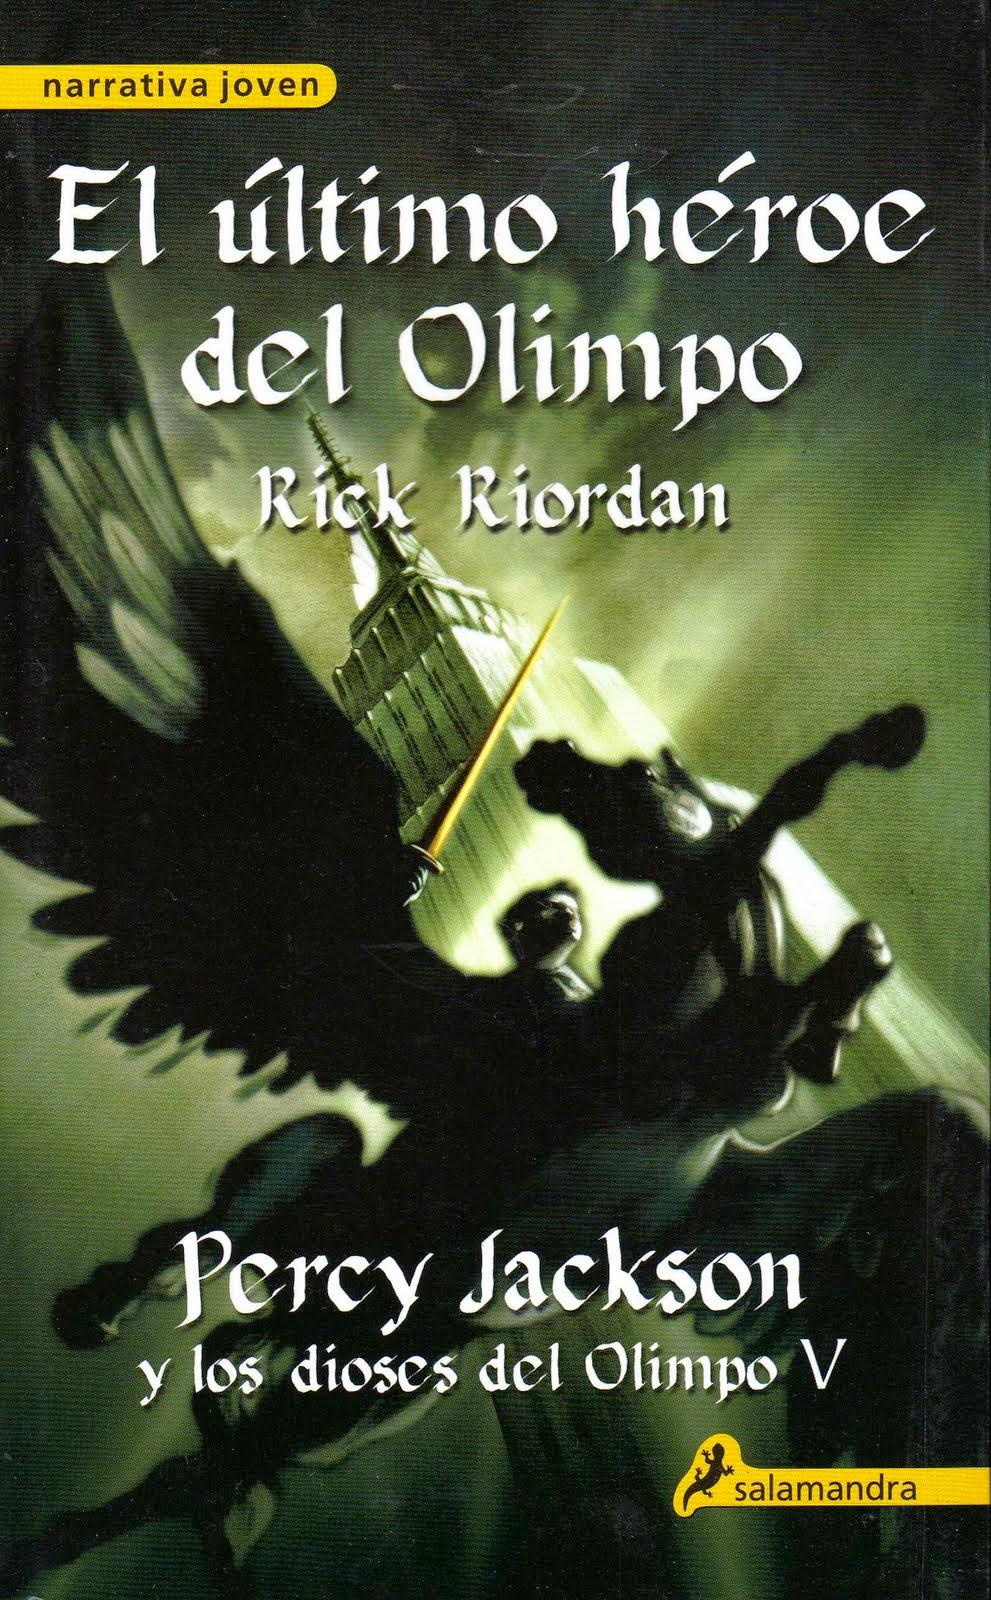 Percy Jackson y los Dioses del Olimpo: El último héroe del Olimpo